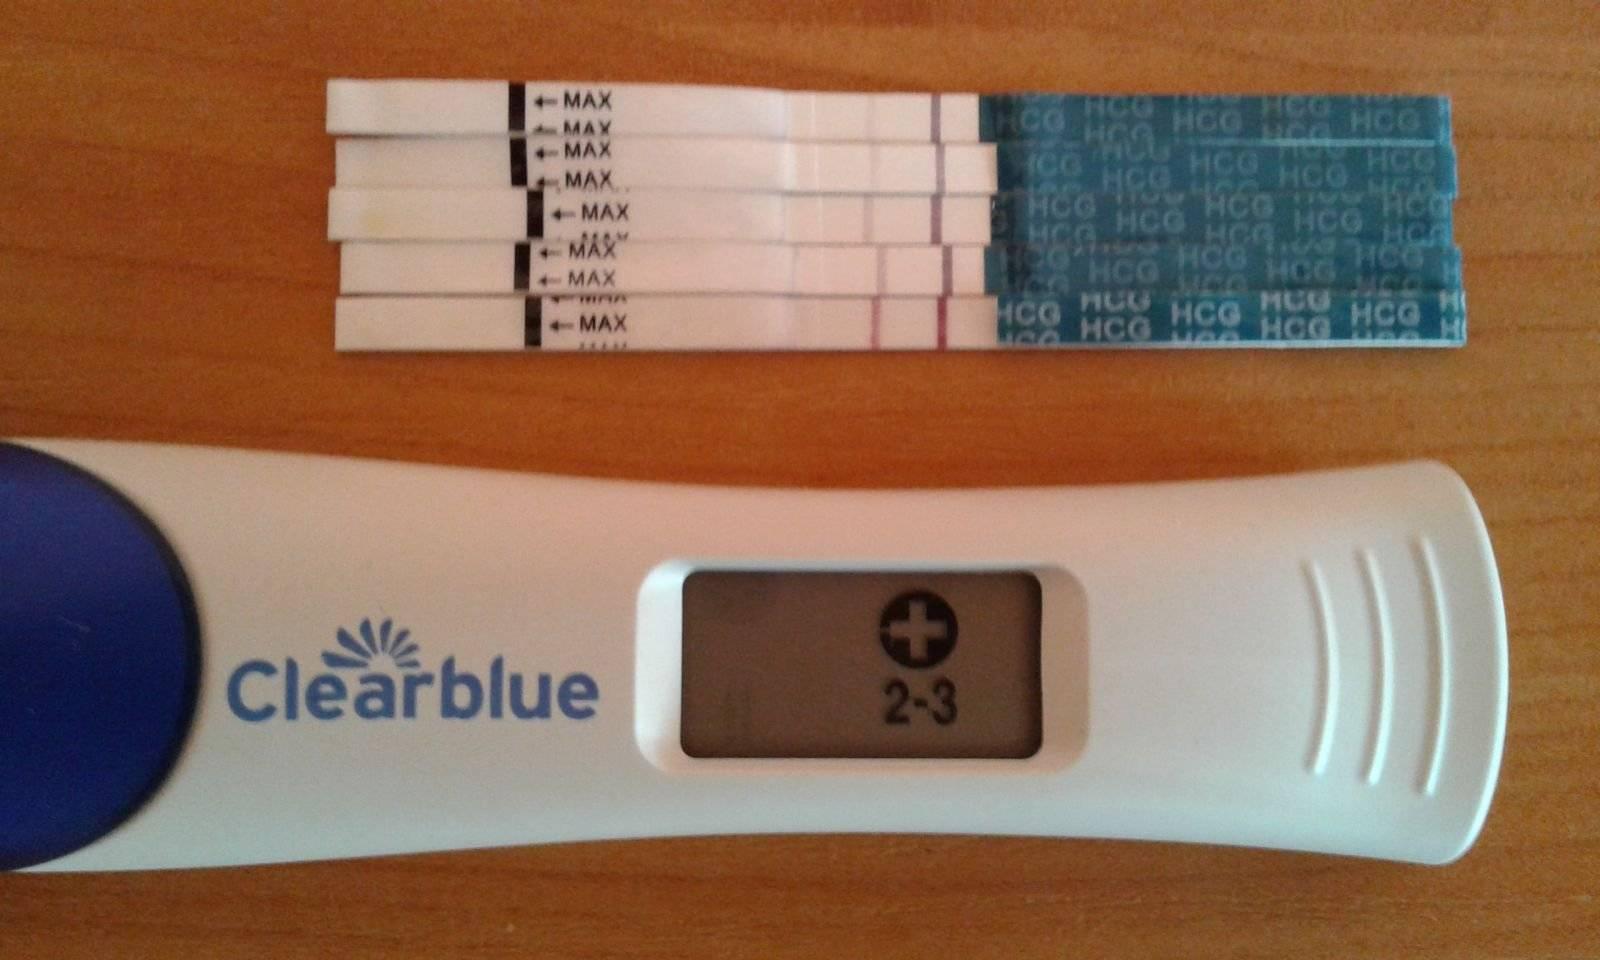 Тест на беременность: вторая полоска еле видна и что влияет на показания теста?